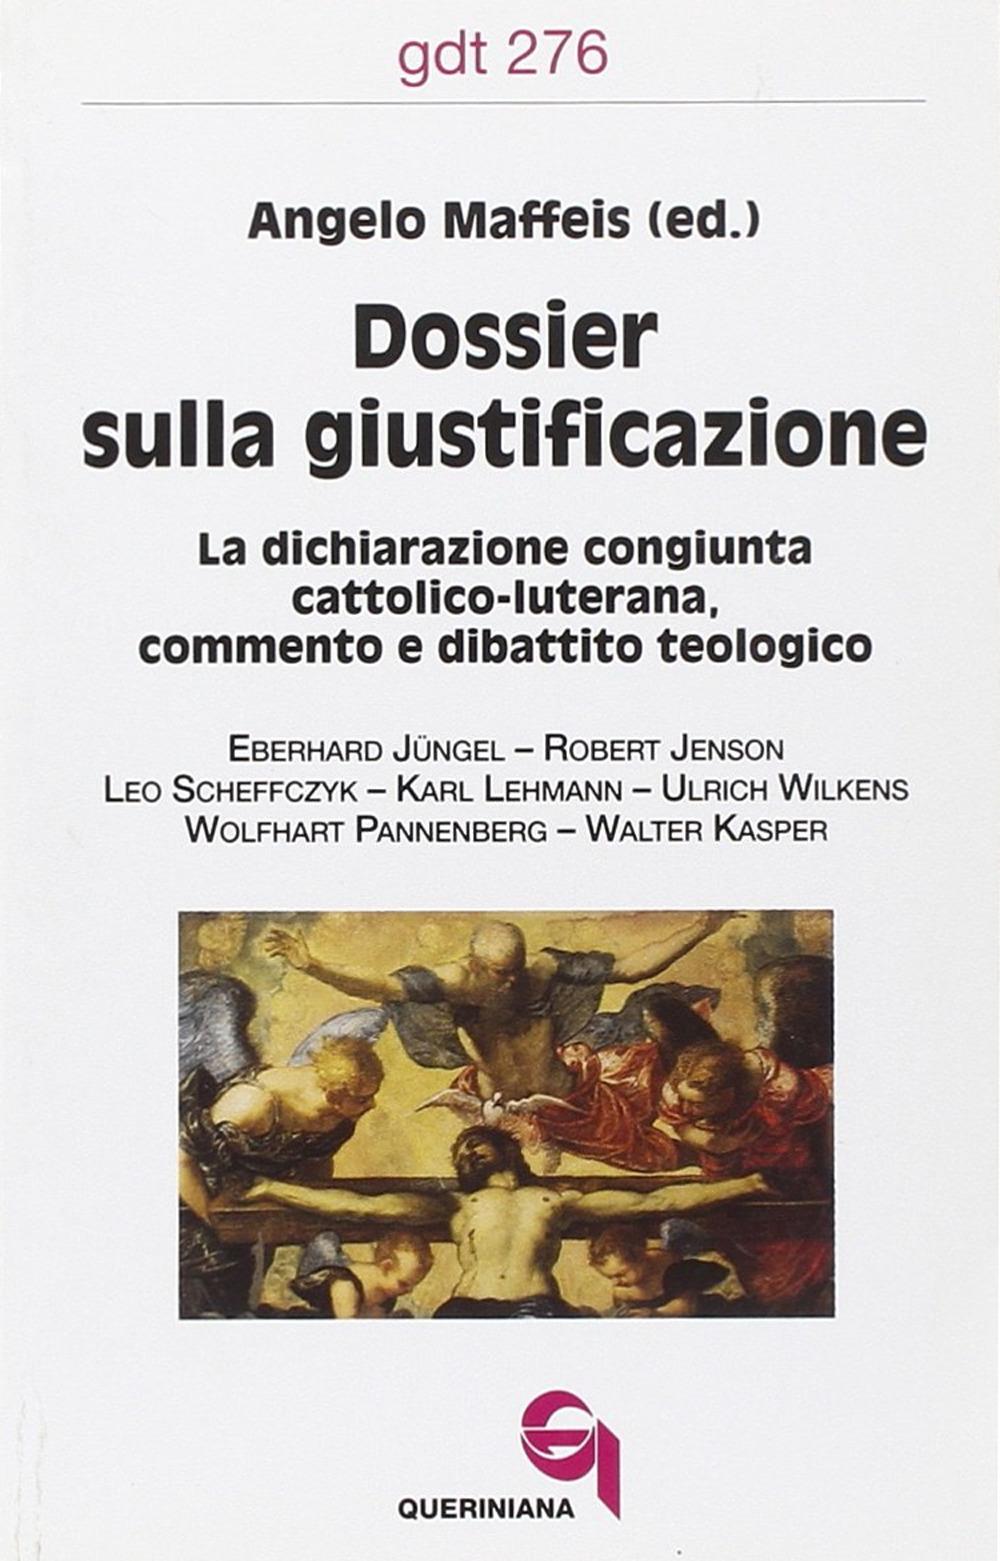 Dossier sulla giustificazione. La dichiarazione congiunta cattolico-luterana. Commento e dibattito teologico